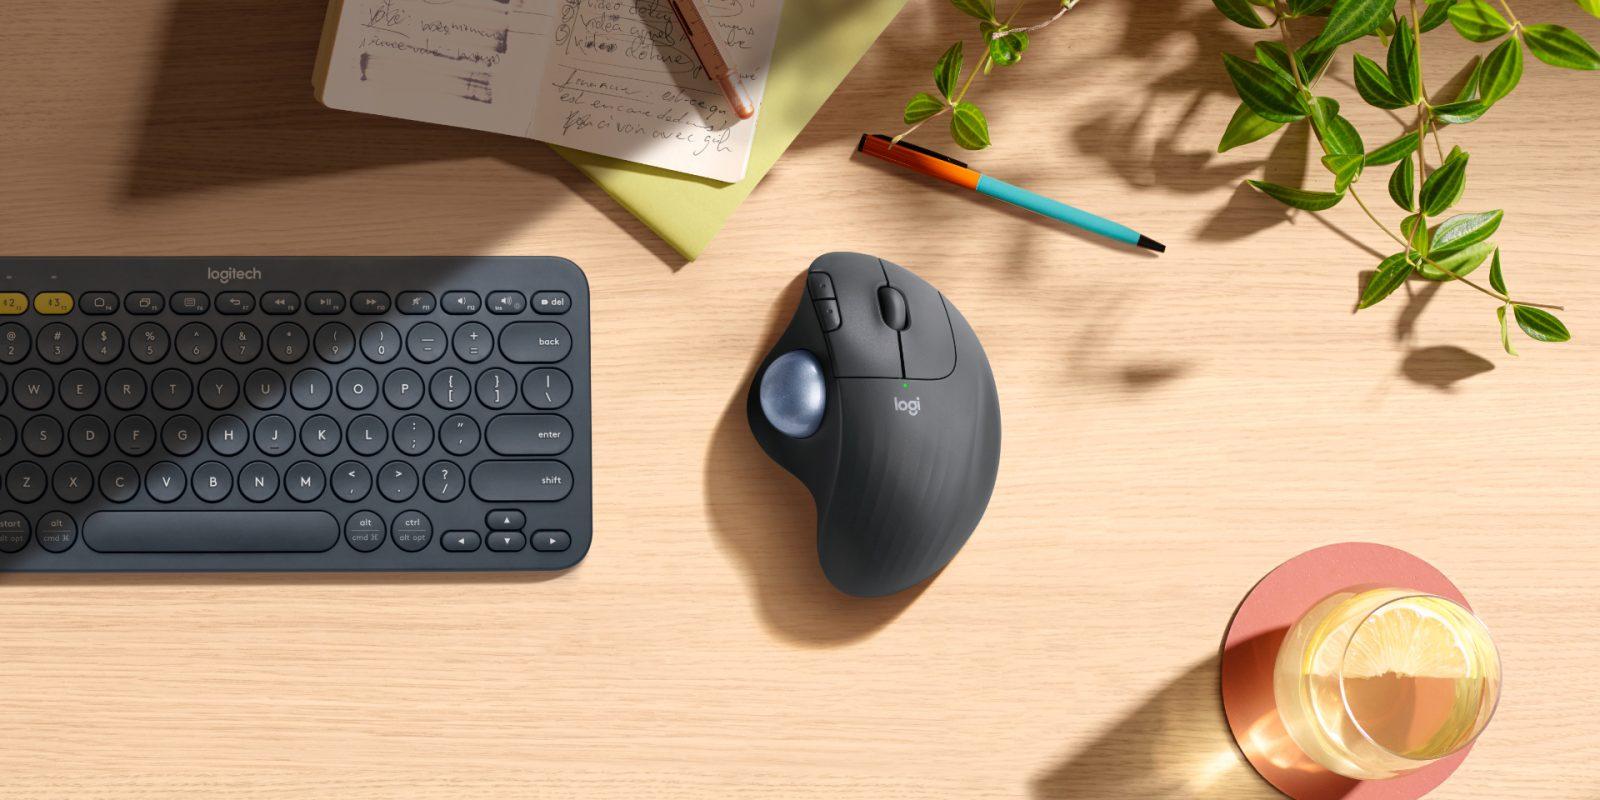 Logitech trình làng chuột công thái học có bi lăn mới, hỗ trợ Bluetooth, giá 50 USD